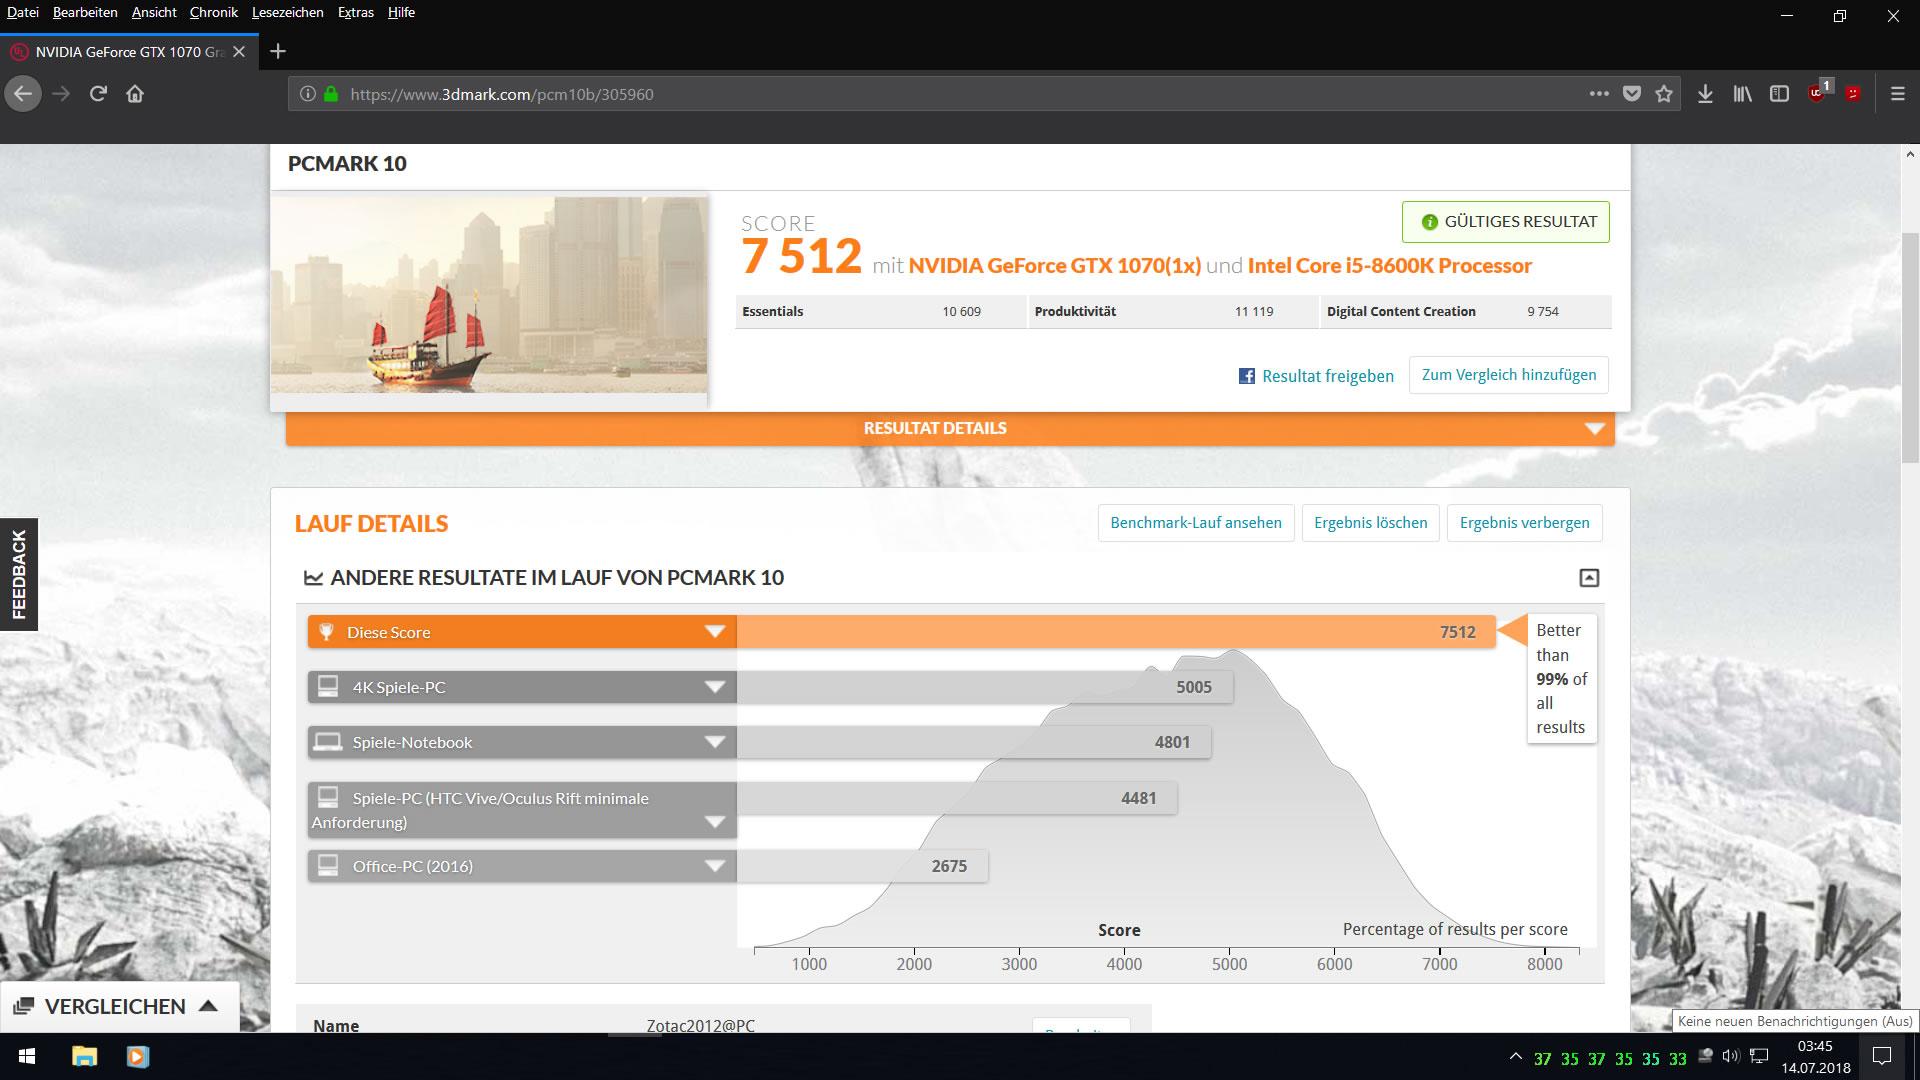 Klicken Sie auf die Grafik für eine größere Ansicht  Name:PCMark 10 mit i5 8600K u. GTX 1070 by Zotac2012.jpg Hits:28 Größe:239,5 KB ID:1002800